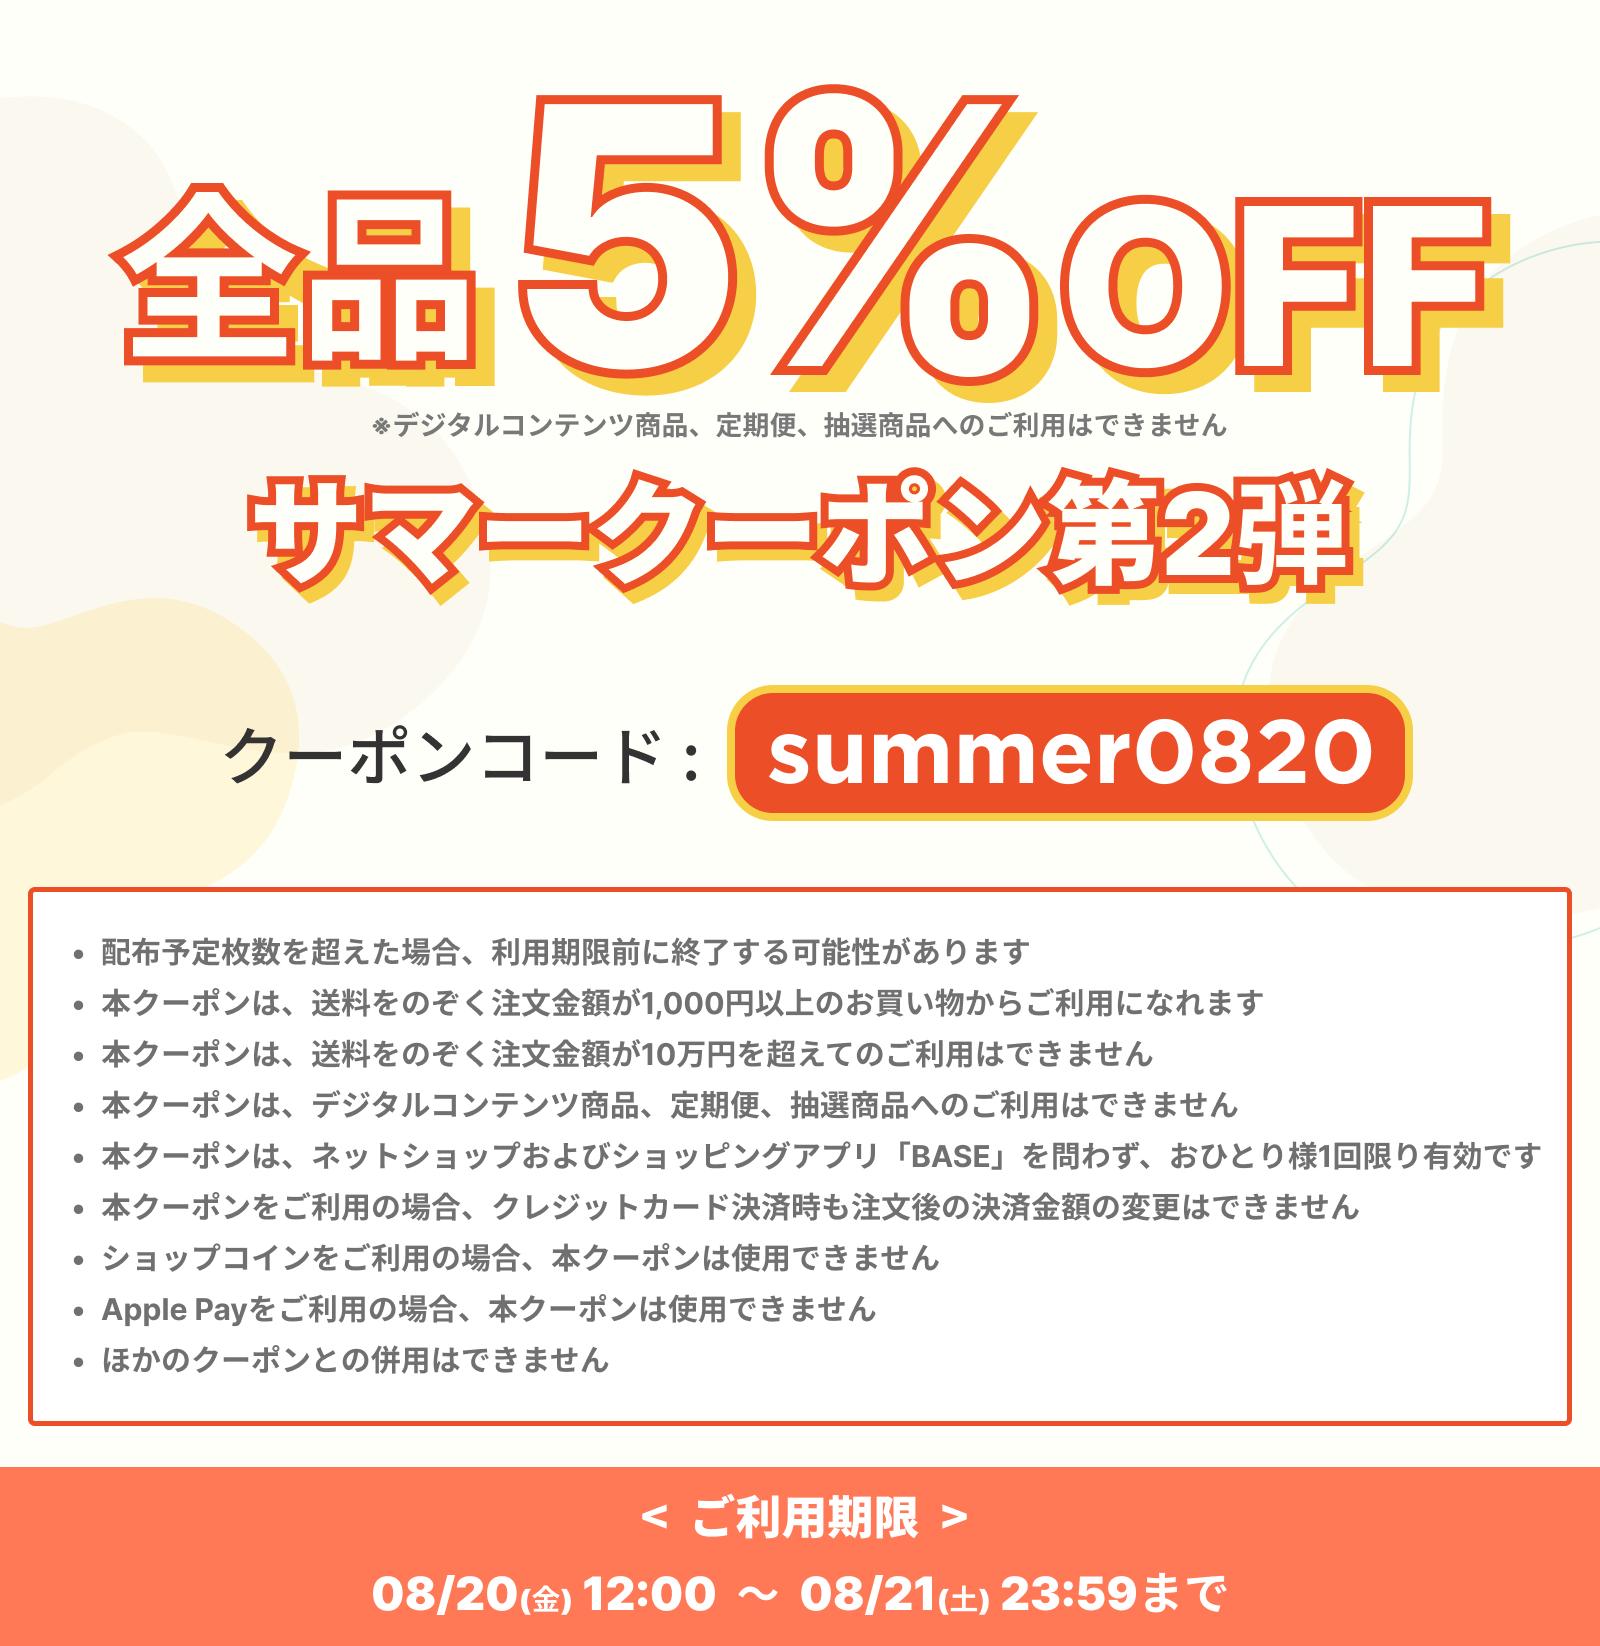 \2日間のスペシャルサマークーポン!!8月20日(金)12時~8月21日(土)23時59分まで!!/